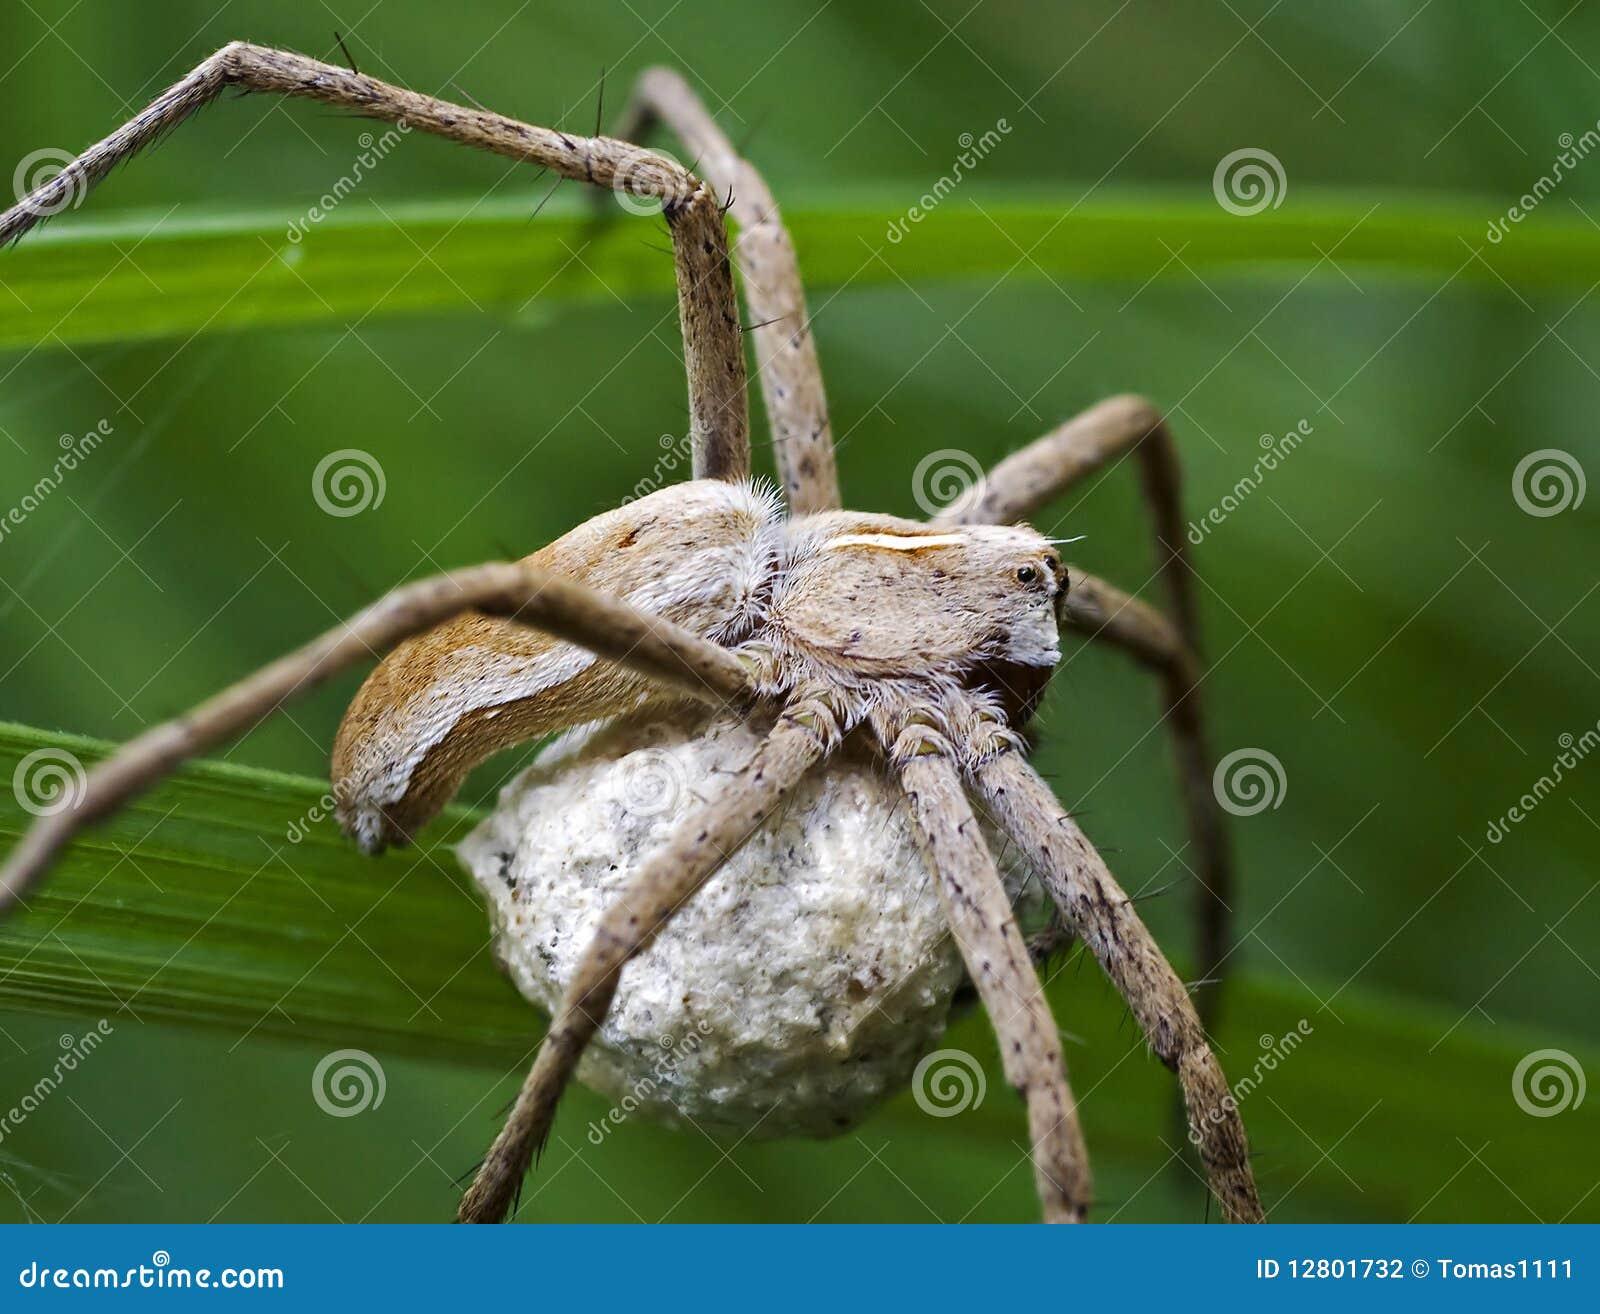 Aranha que protege seu casulo